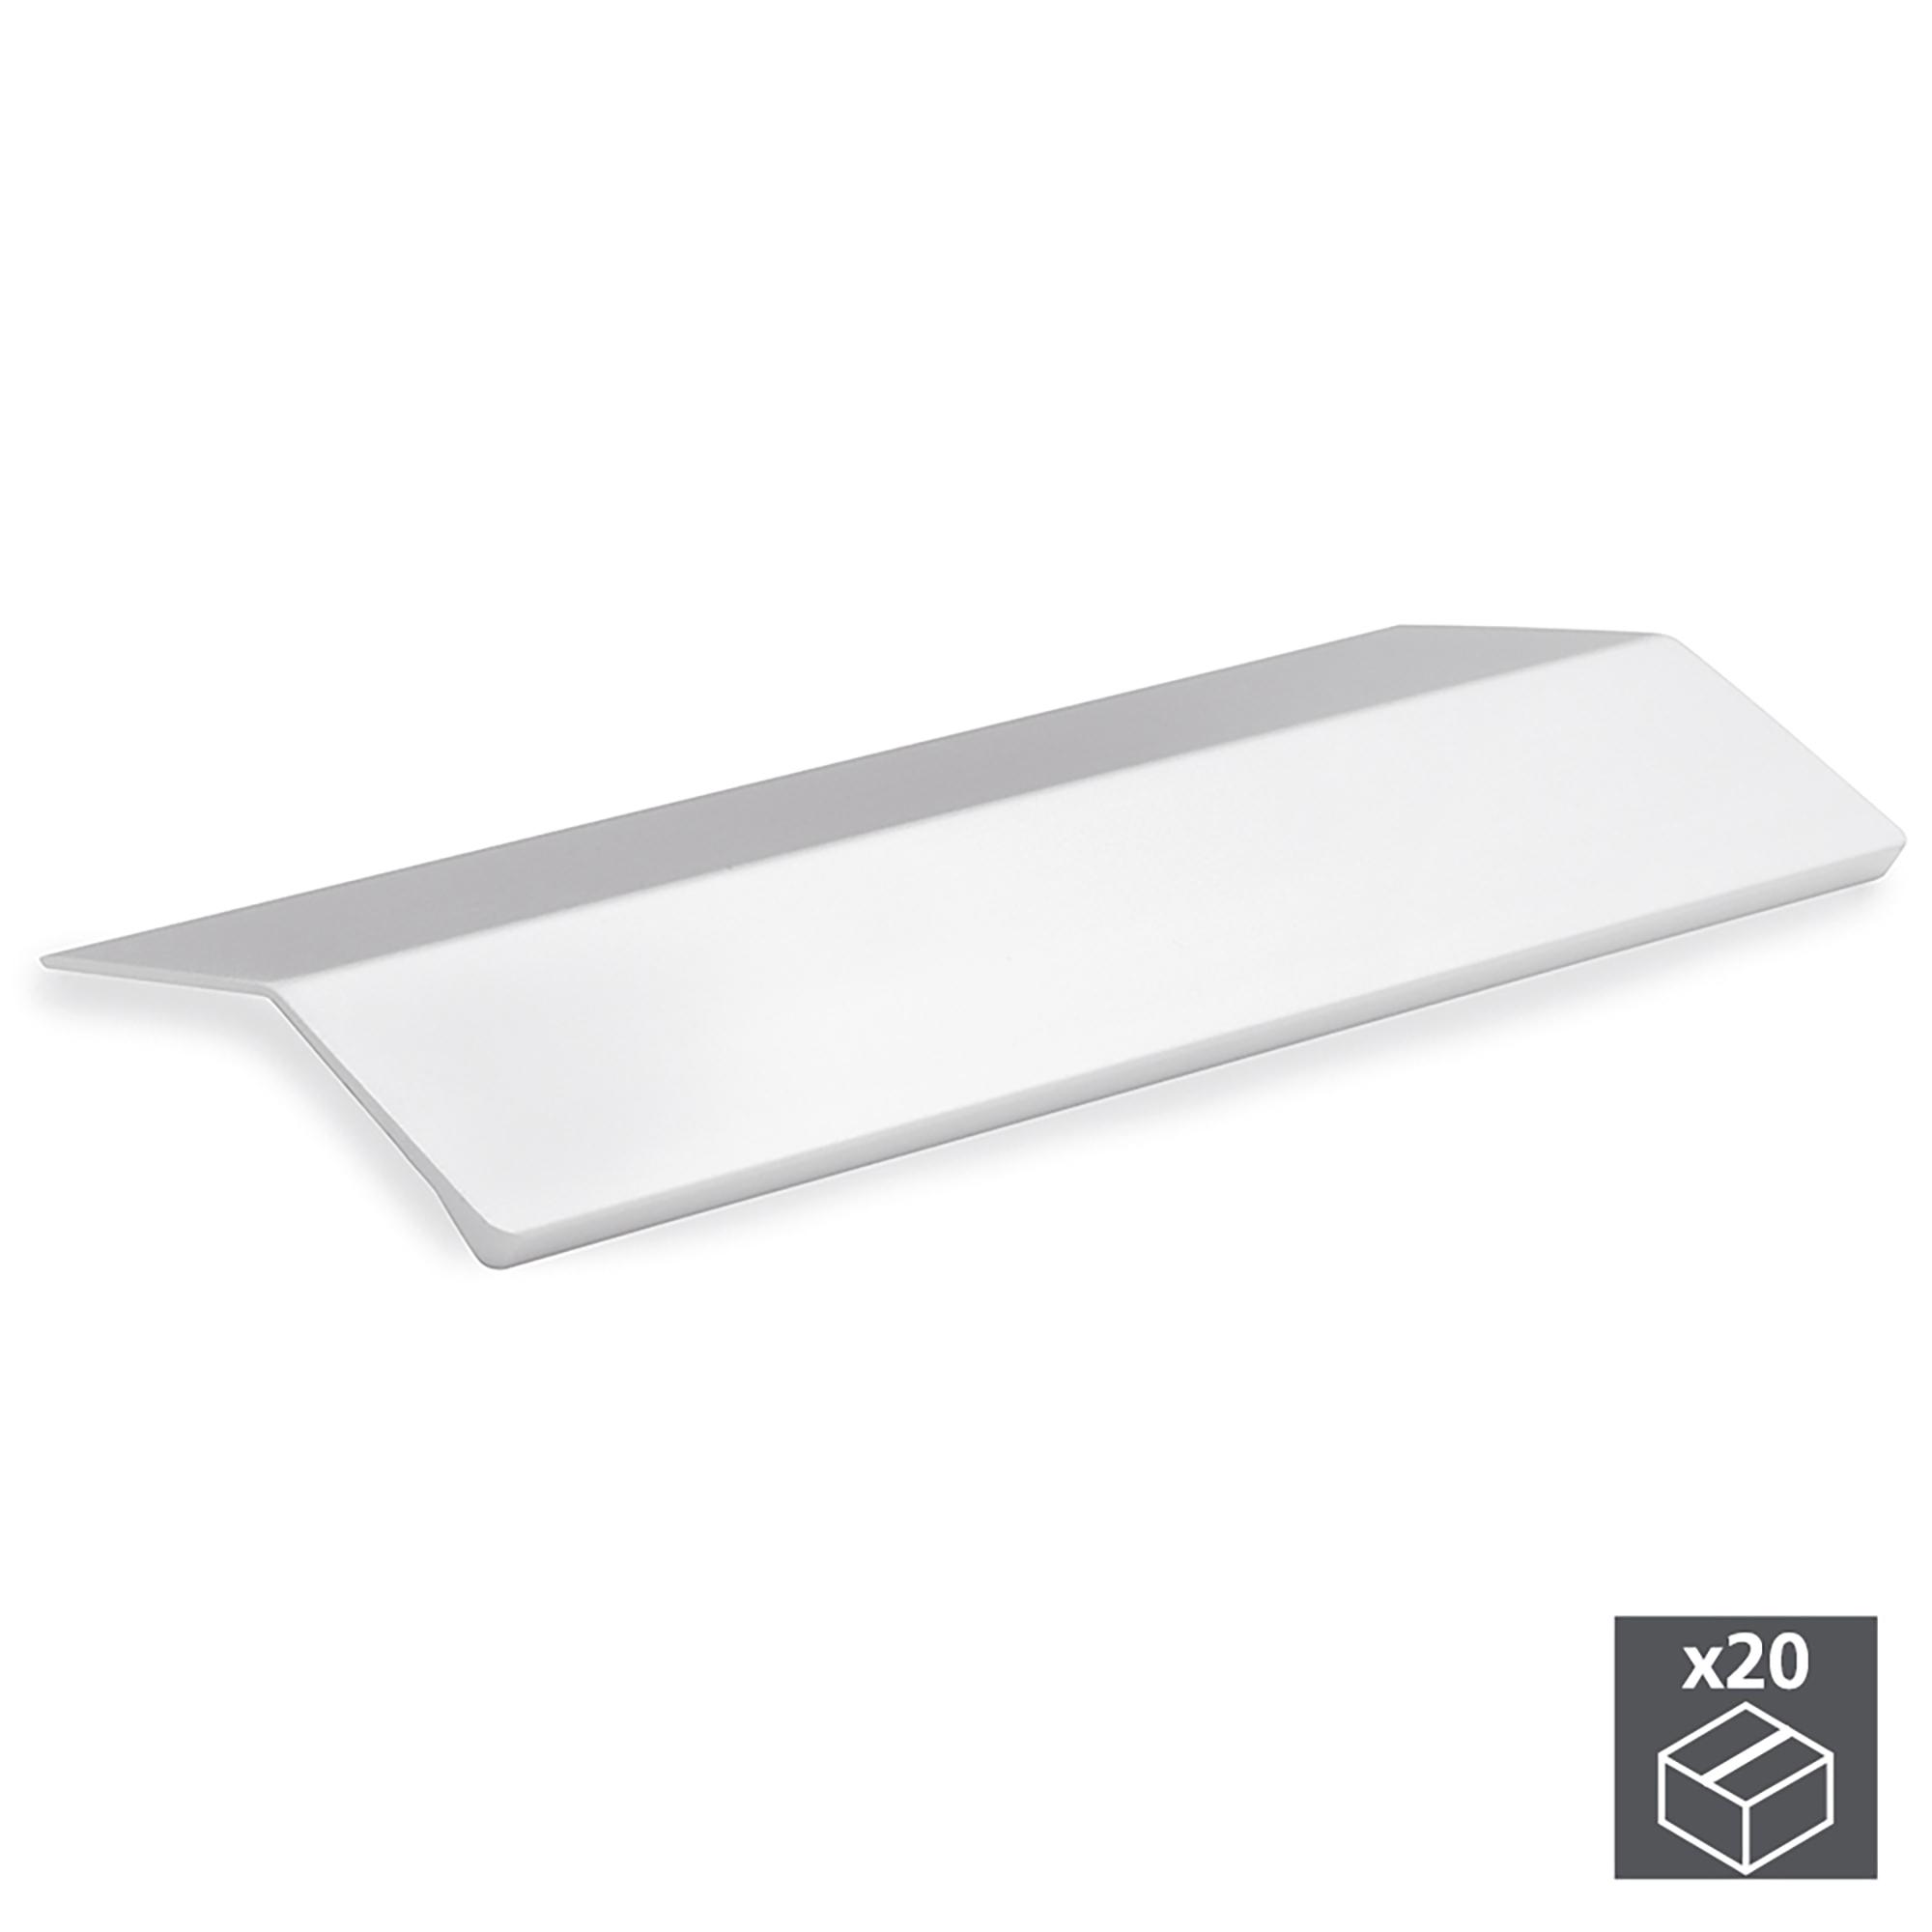 Emuca Maniglie adesive per mobile, 126 mm, Alluminio, Anodizzato opaco, 20 u.